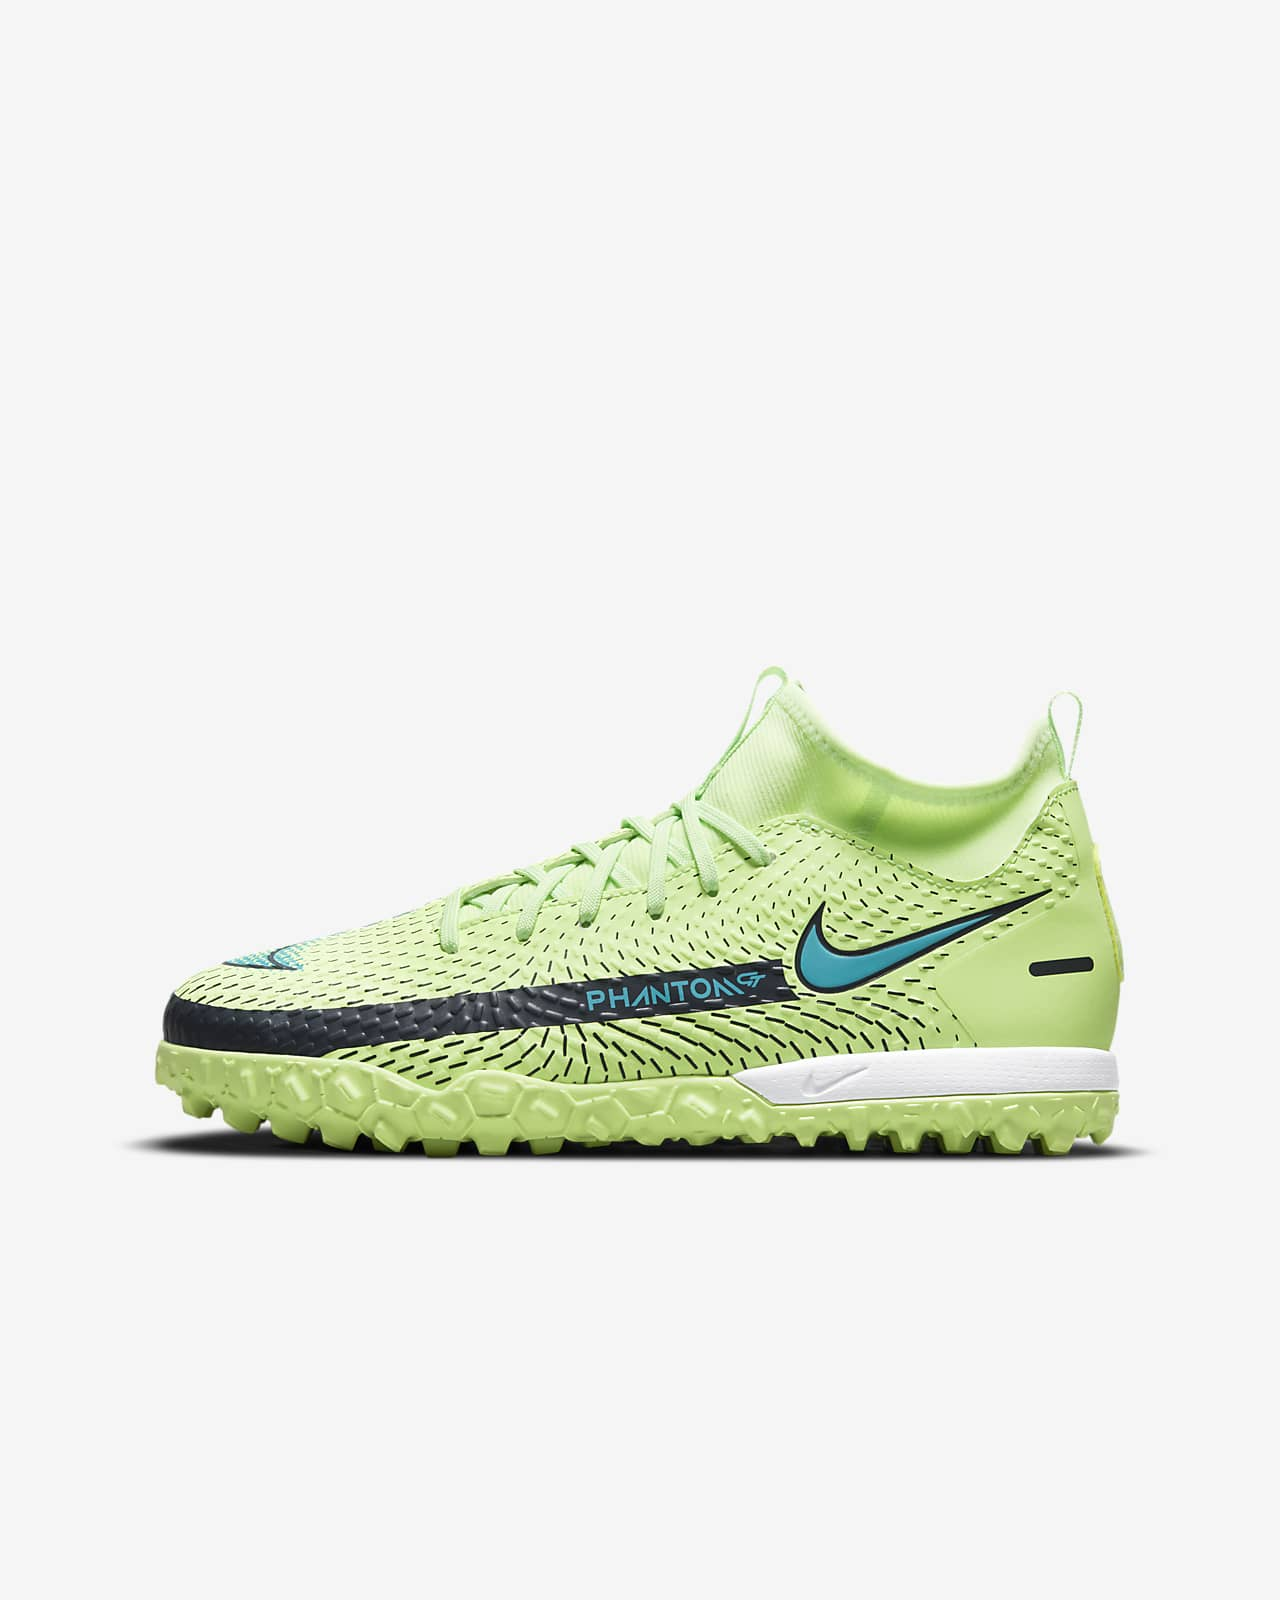 Buty piłkarskie na sztuczną nawierzchnię typu turf dla małych/dużych dzieci Nike Jr. Phantom GT Academy Dynamic Fit TF